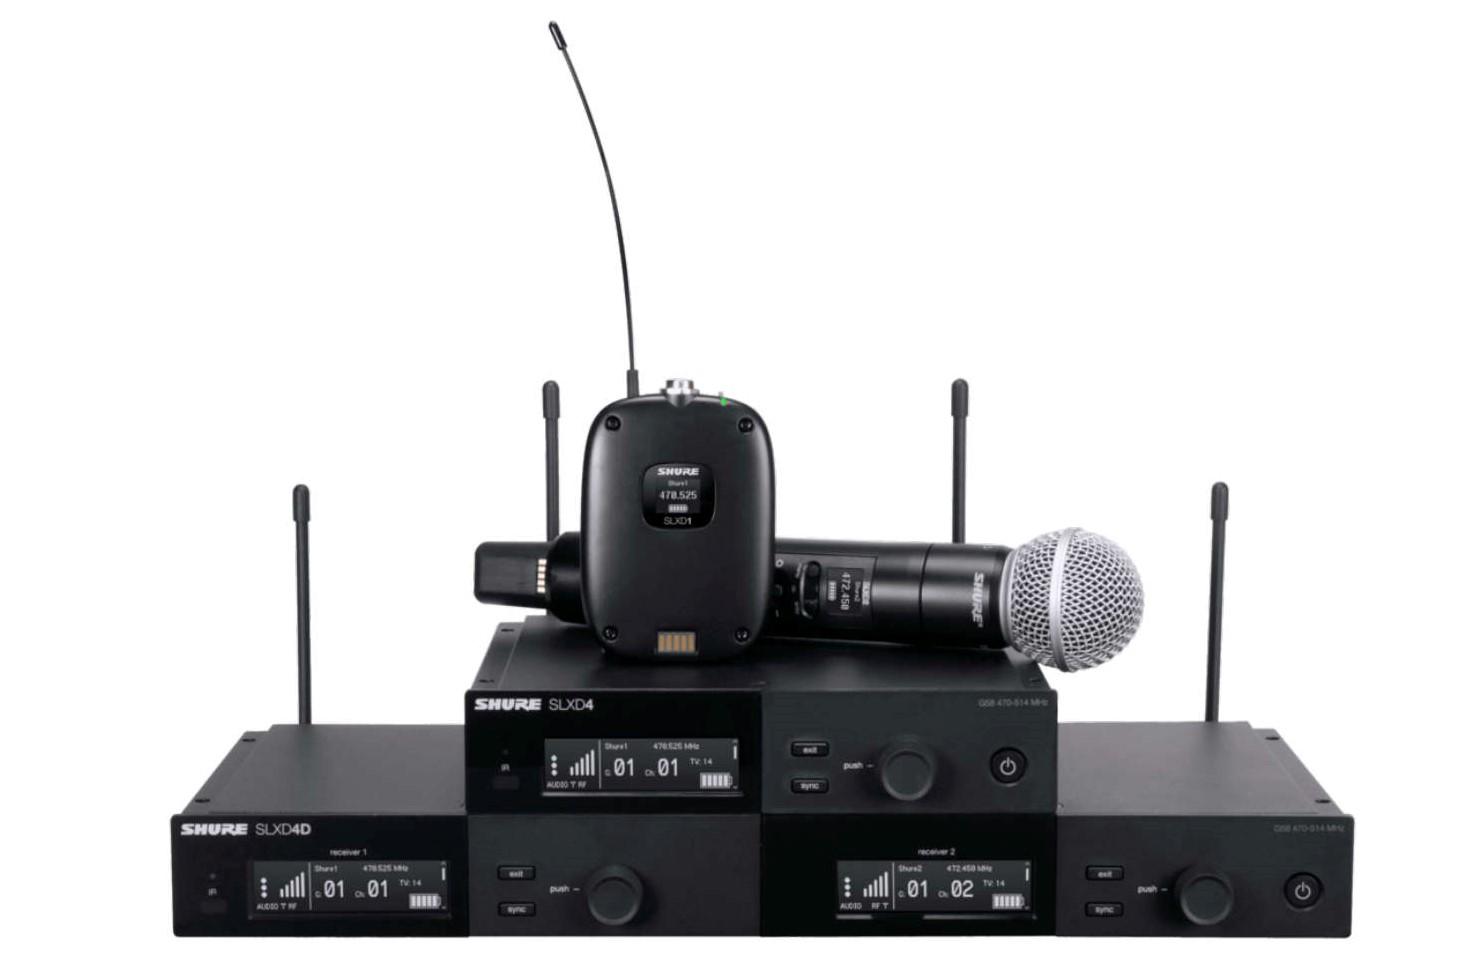 Shure präsentiert digitales Drahtlossystem SLX-D